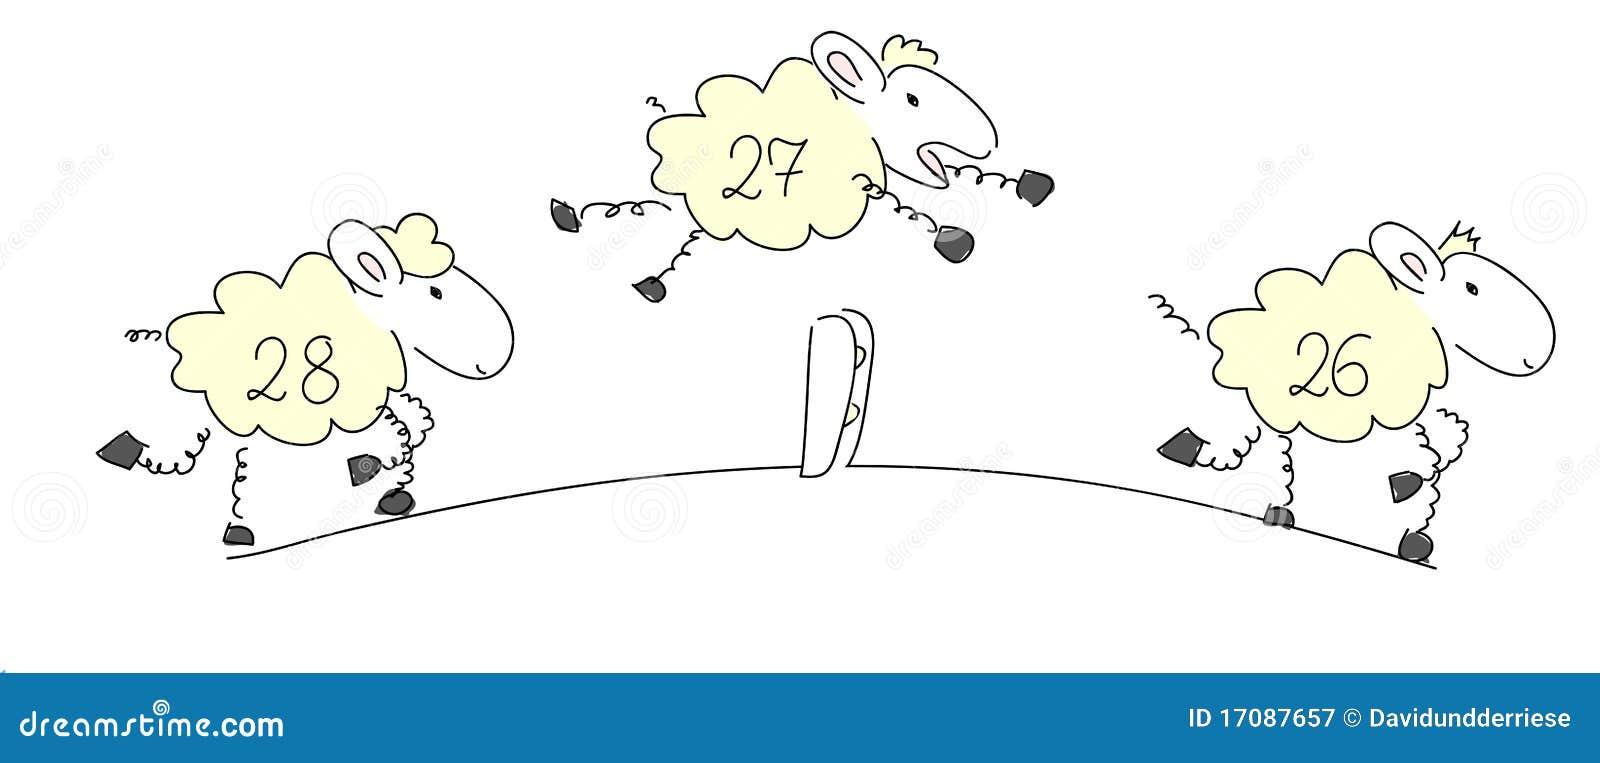 Zählung der Schafe.